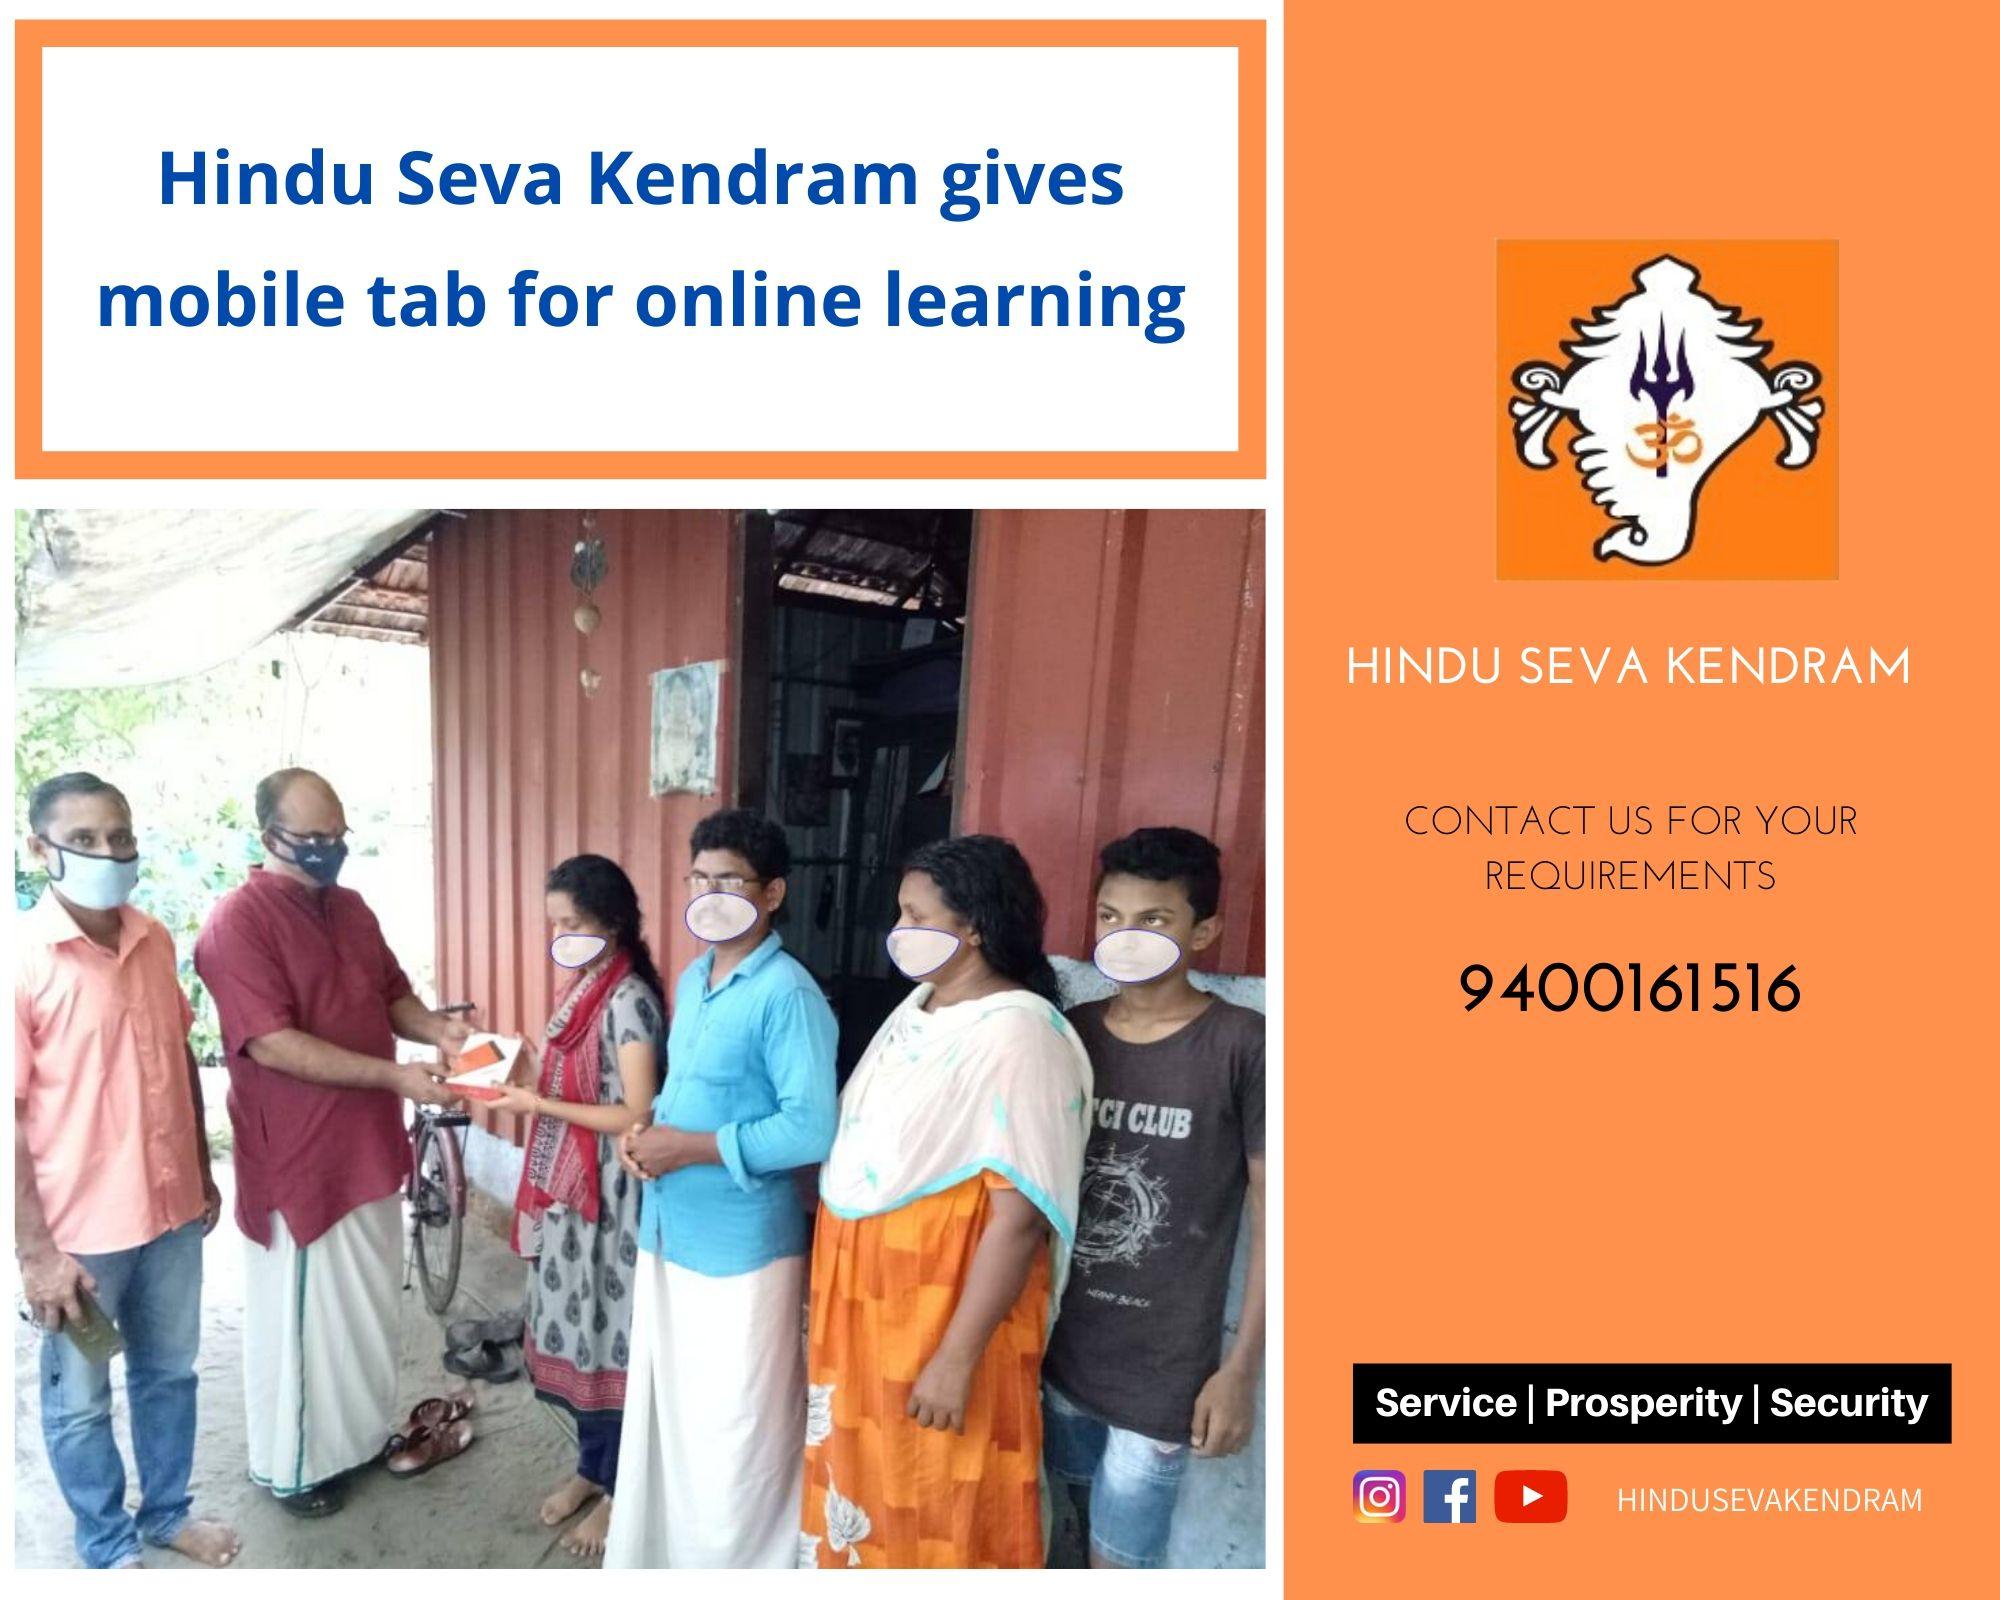 Hindu Seva Kendram Gives Mobile Tablet For Online Learning